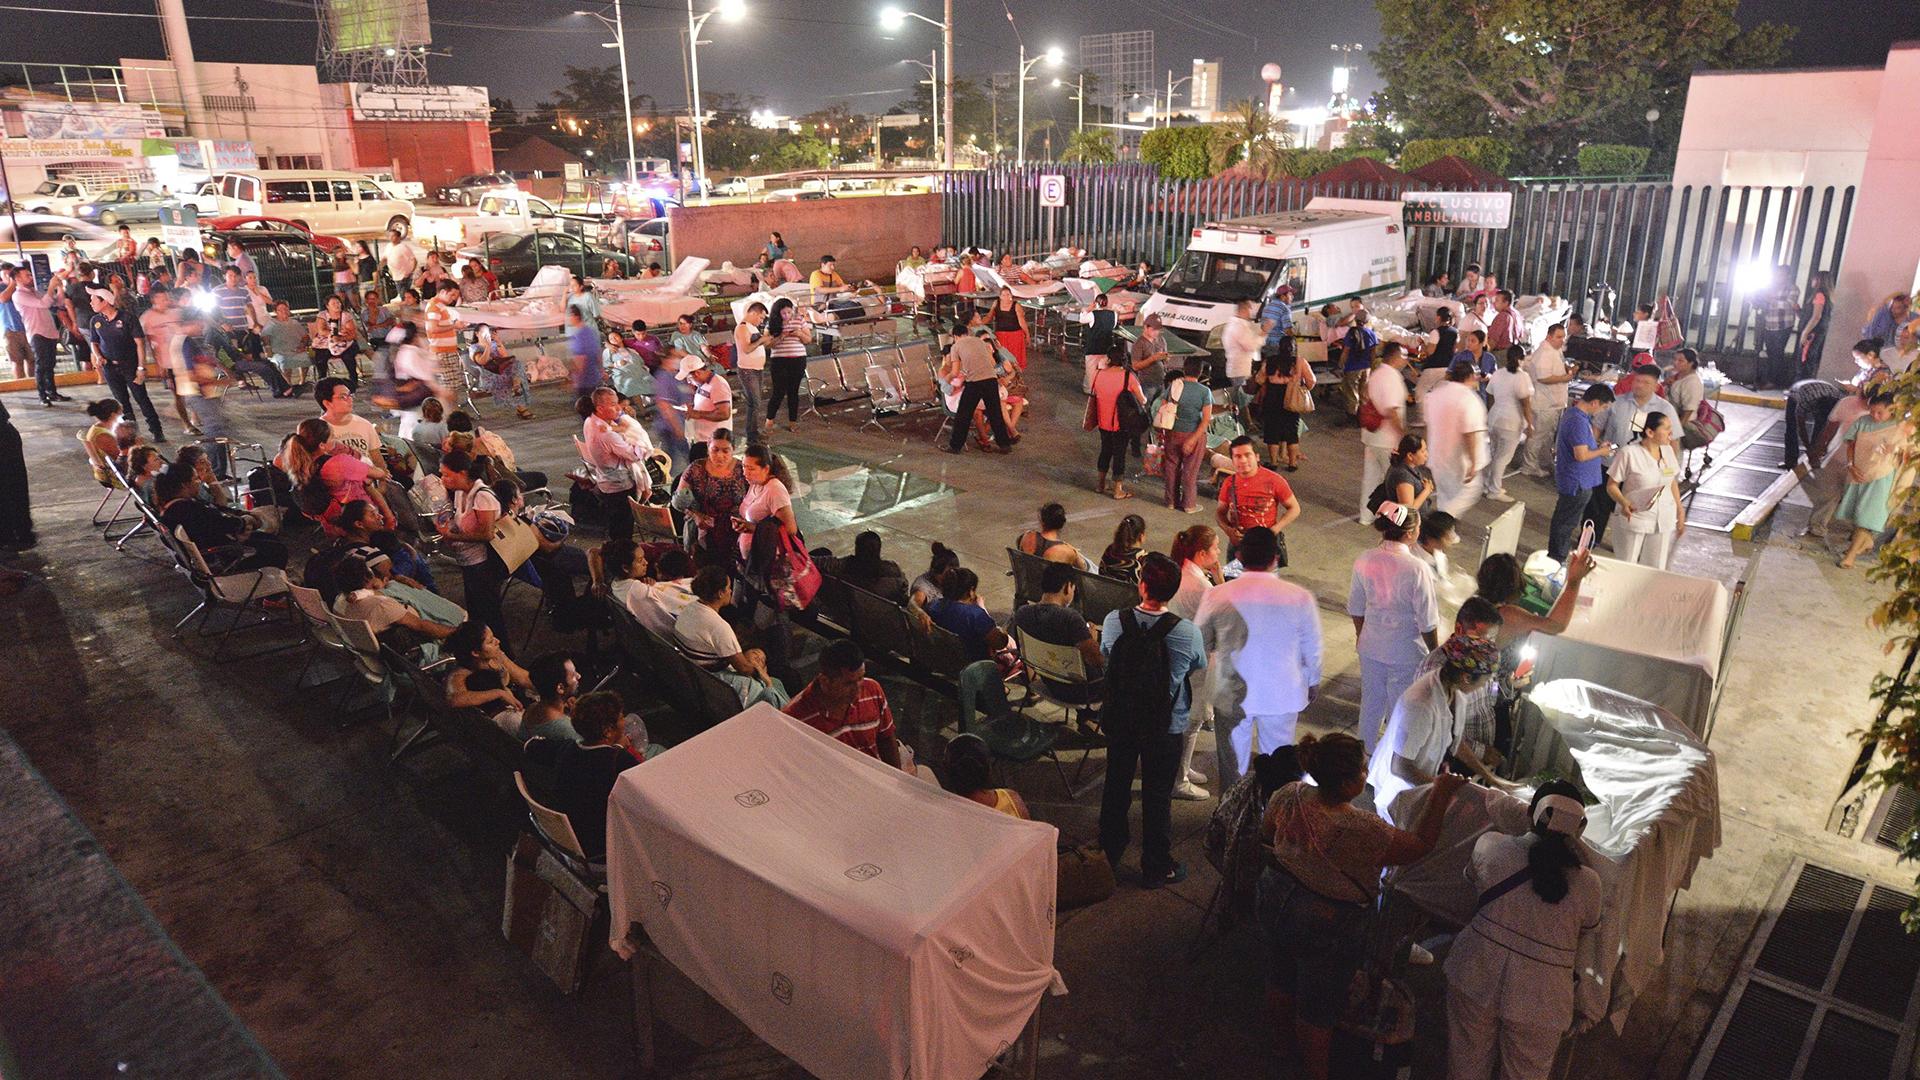 Al menos cinco personas murieron como consecuencia del terremoto, tres en el estado de Chiapas y dos en Tabasco, informaron hoy fuentes oficiales.(EFE)